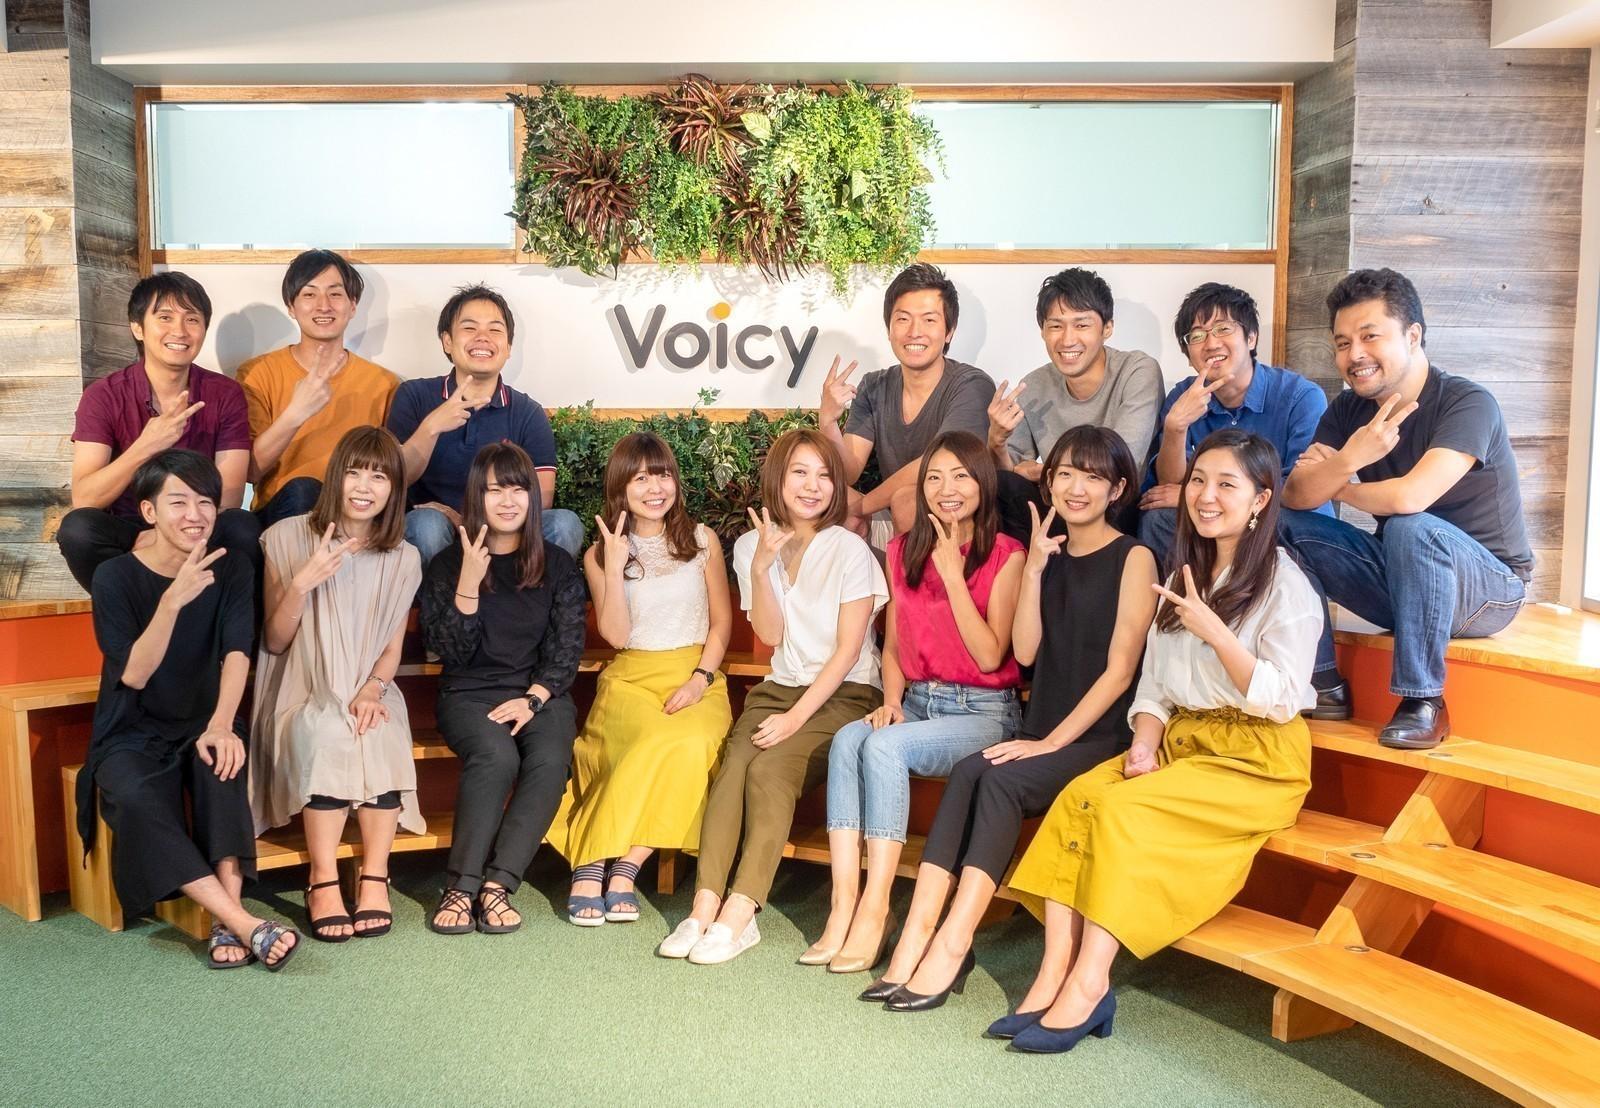 次世代の音声放送プラットフォームを創る! Voicyを世に届けるインフラエンジニア